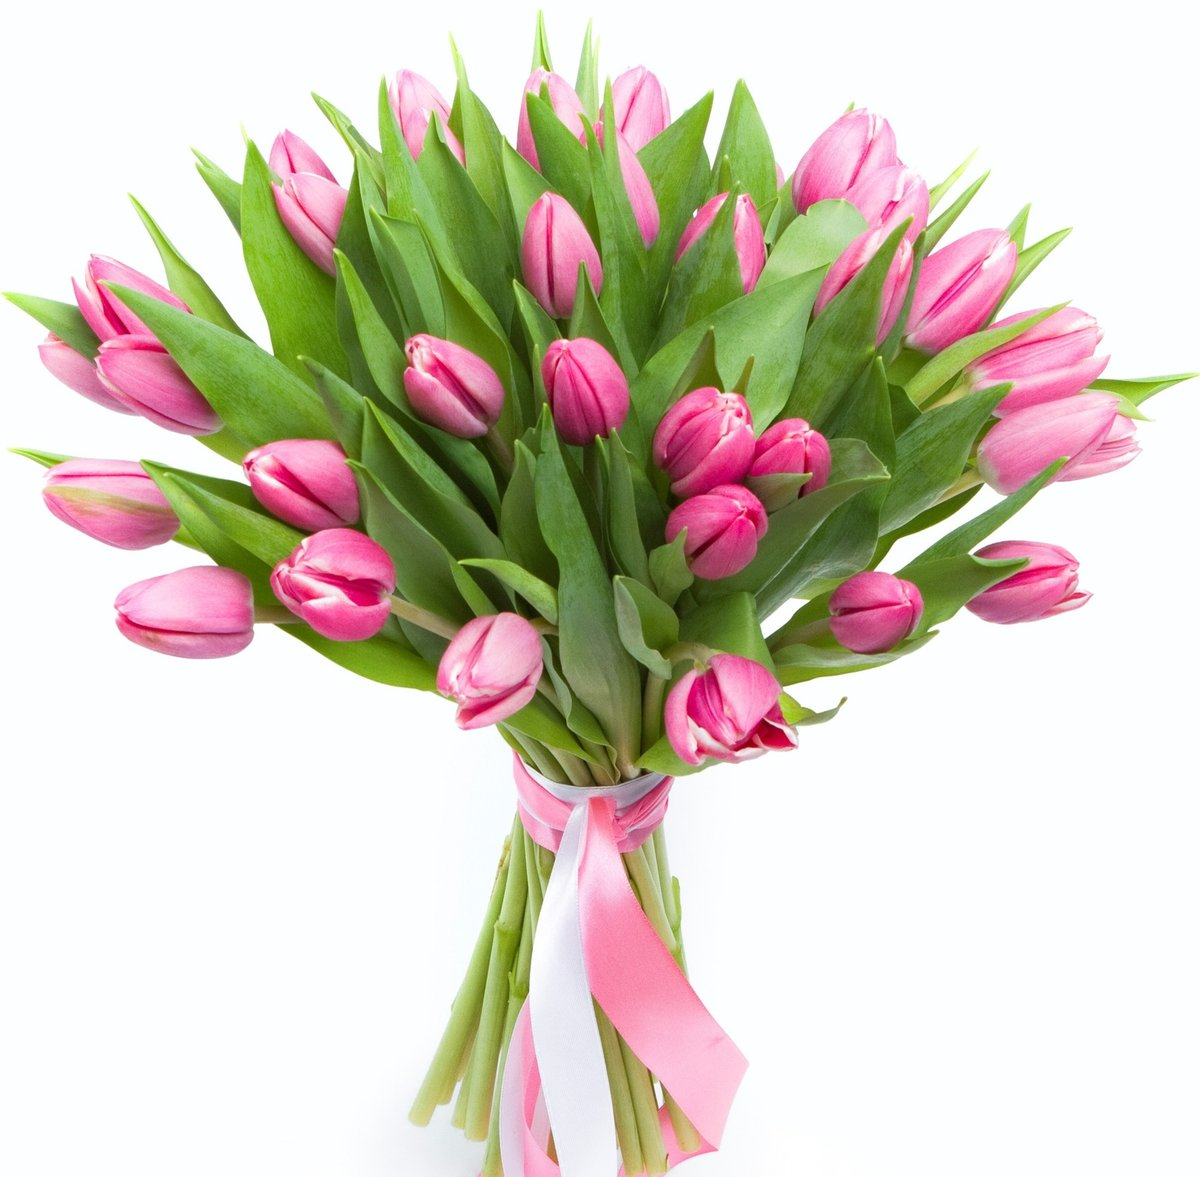 тюльпаны фото букеты особенностью проекта